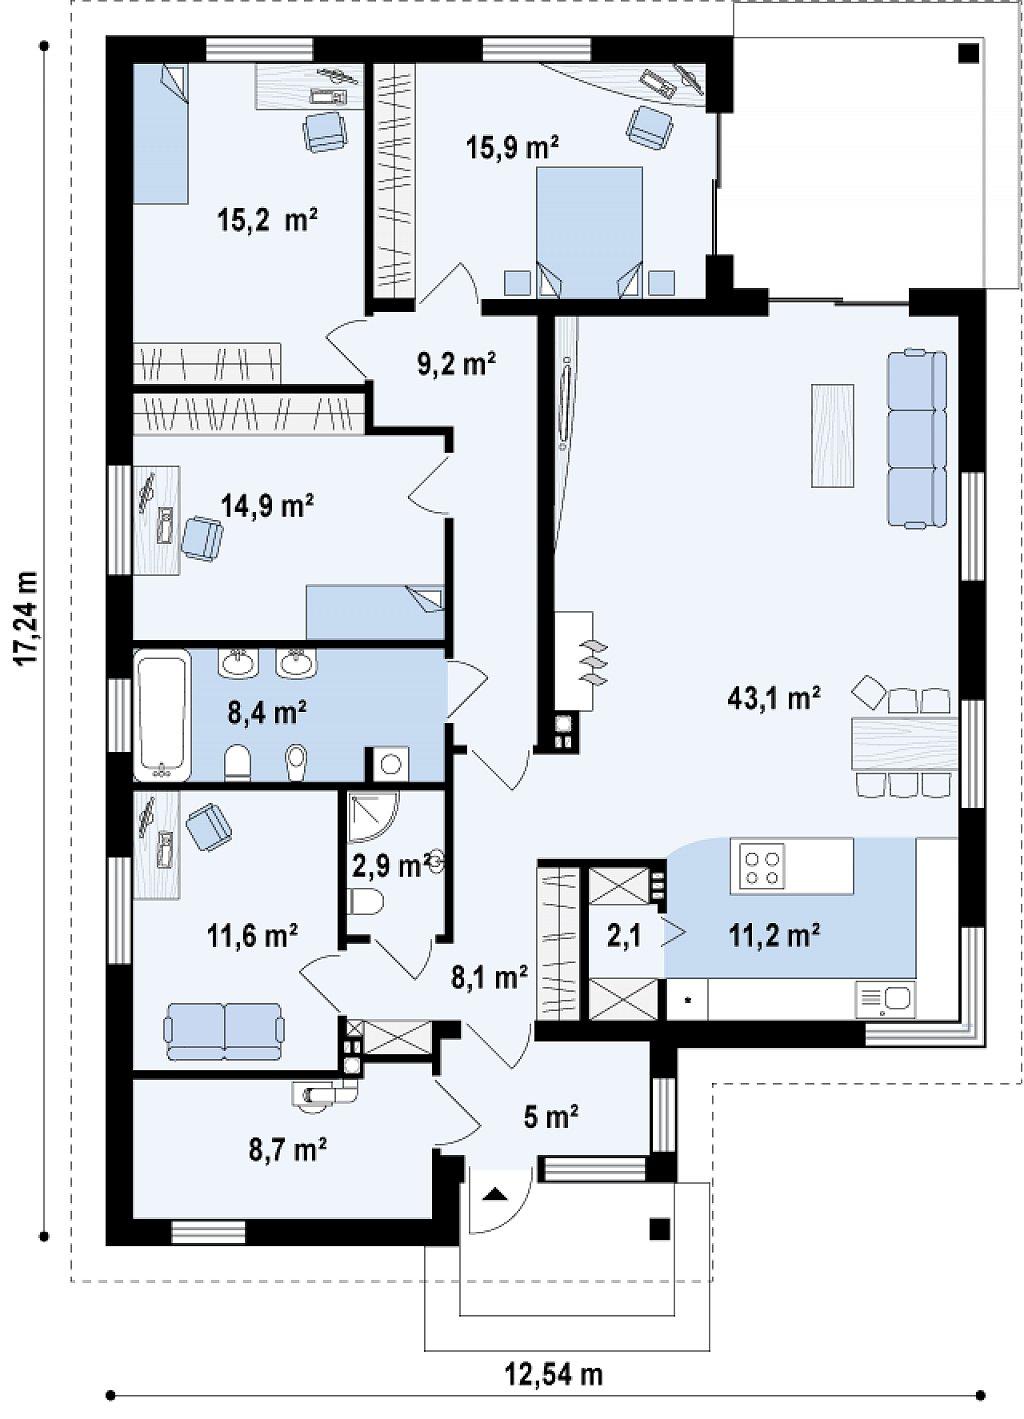 Proyectos De Casas Casa Moderna Proyectosdecasas